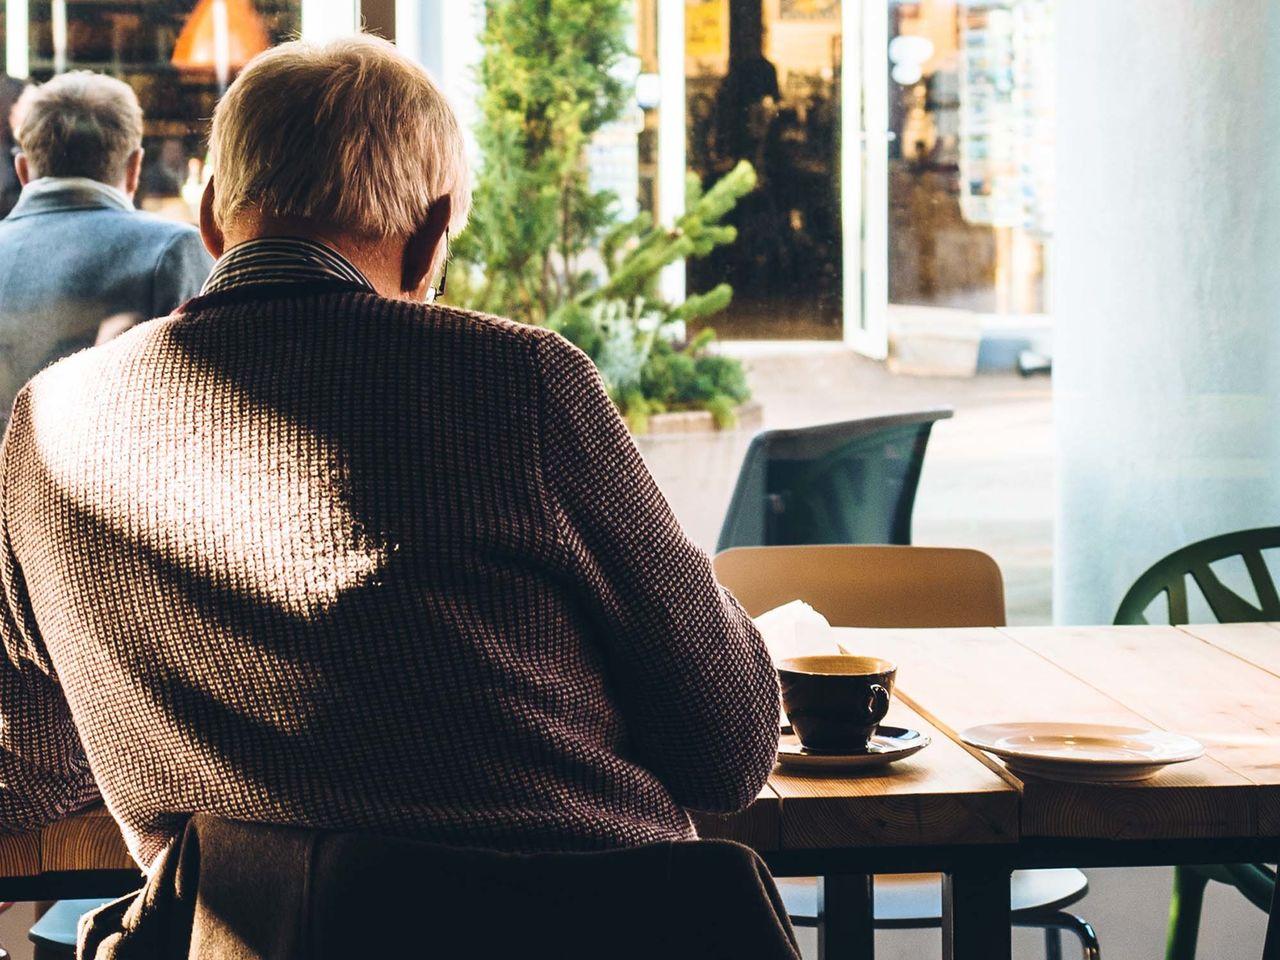 Bild: Cafe mit Gast